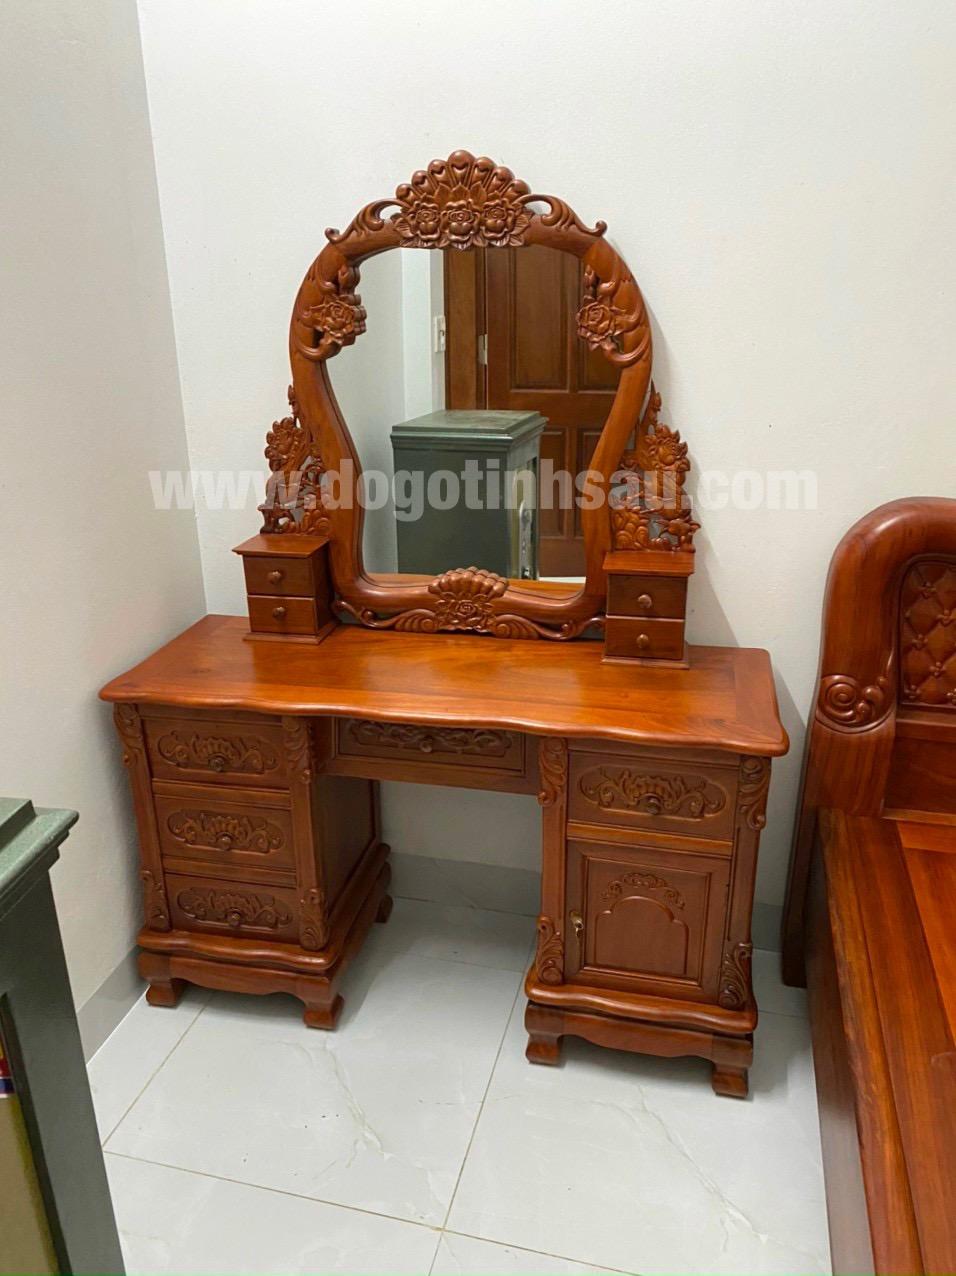 ban trang diem go huong da - Bàn phấn gỗ hương đẹp giá rẻ tại đồ gỗ Tình Sáu